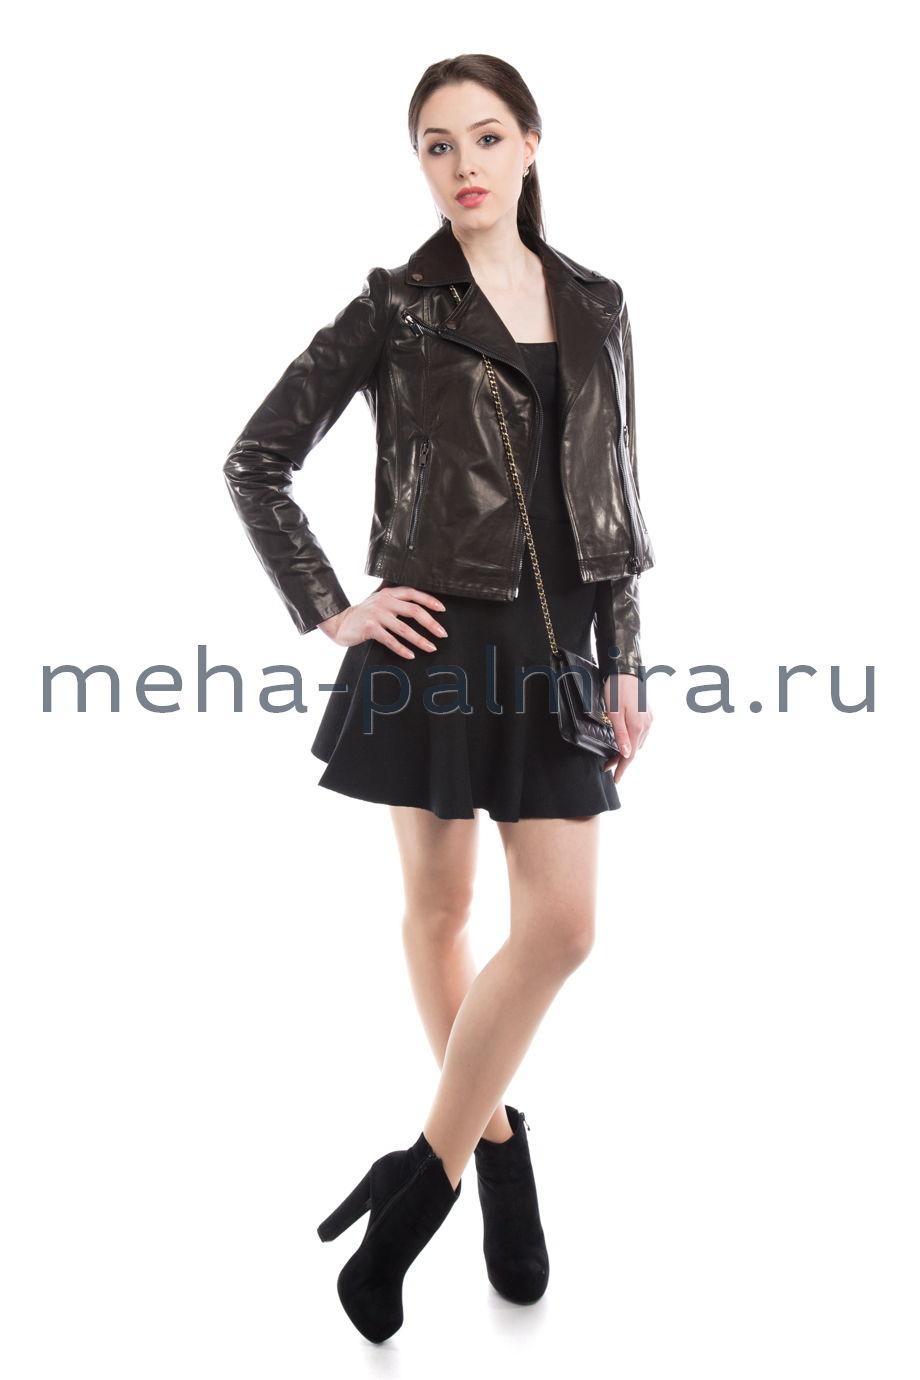 Клубная кожаная куртка черного цвета